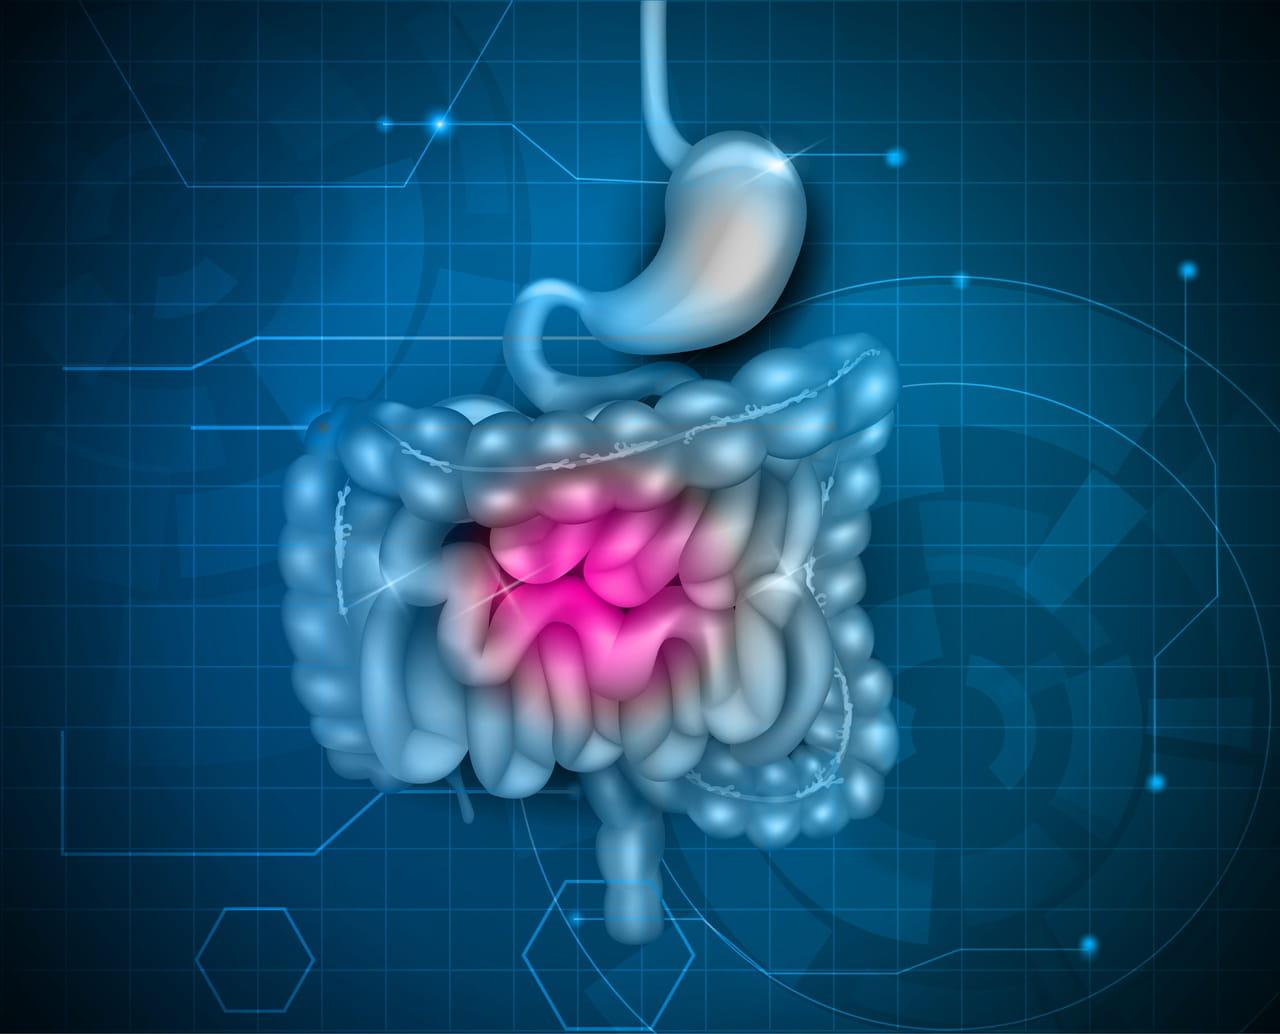 Colopathie fonctionnelle (côlon irritable) : symptômes et alimentation